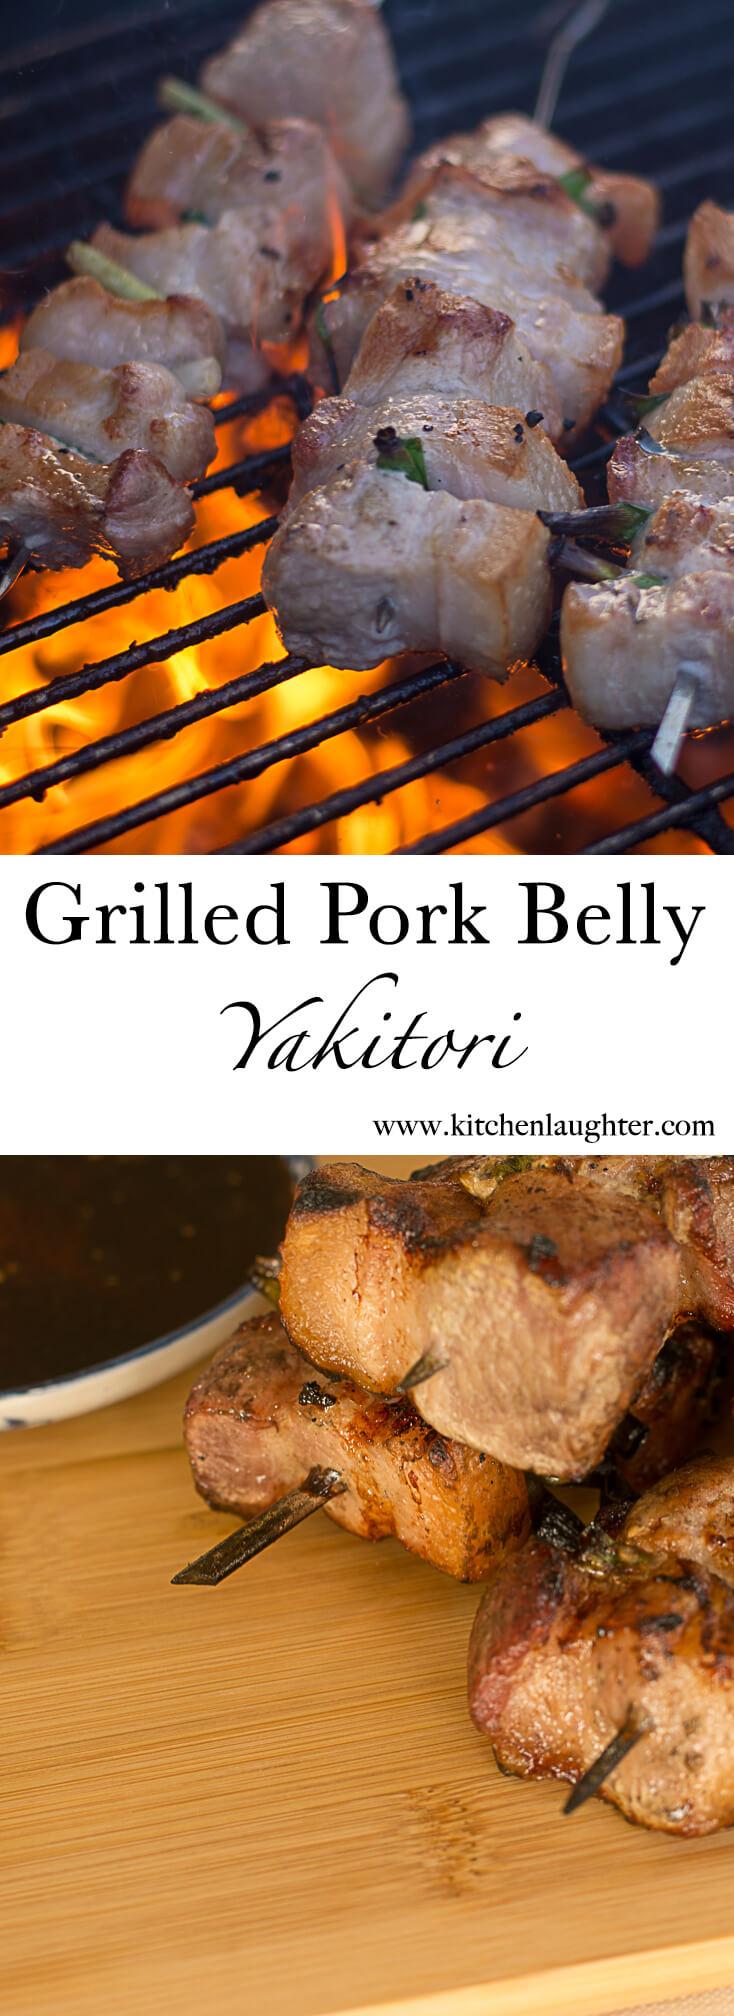 Grilled Pork Belly Yakitori #PorkBelly #Grilling #BGE #BigGreenEgg #Japanese #pork #kebab #skewer